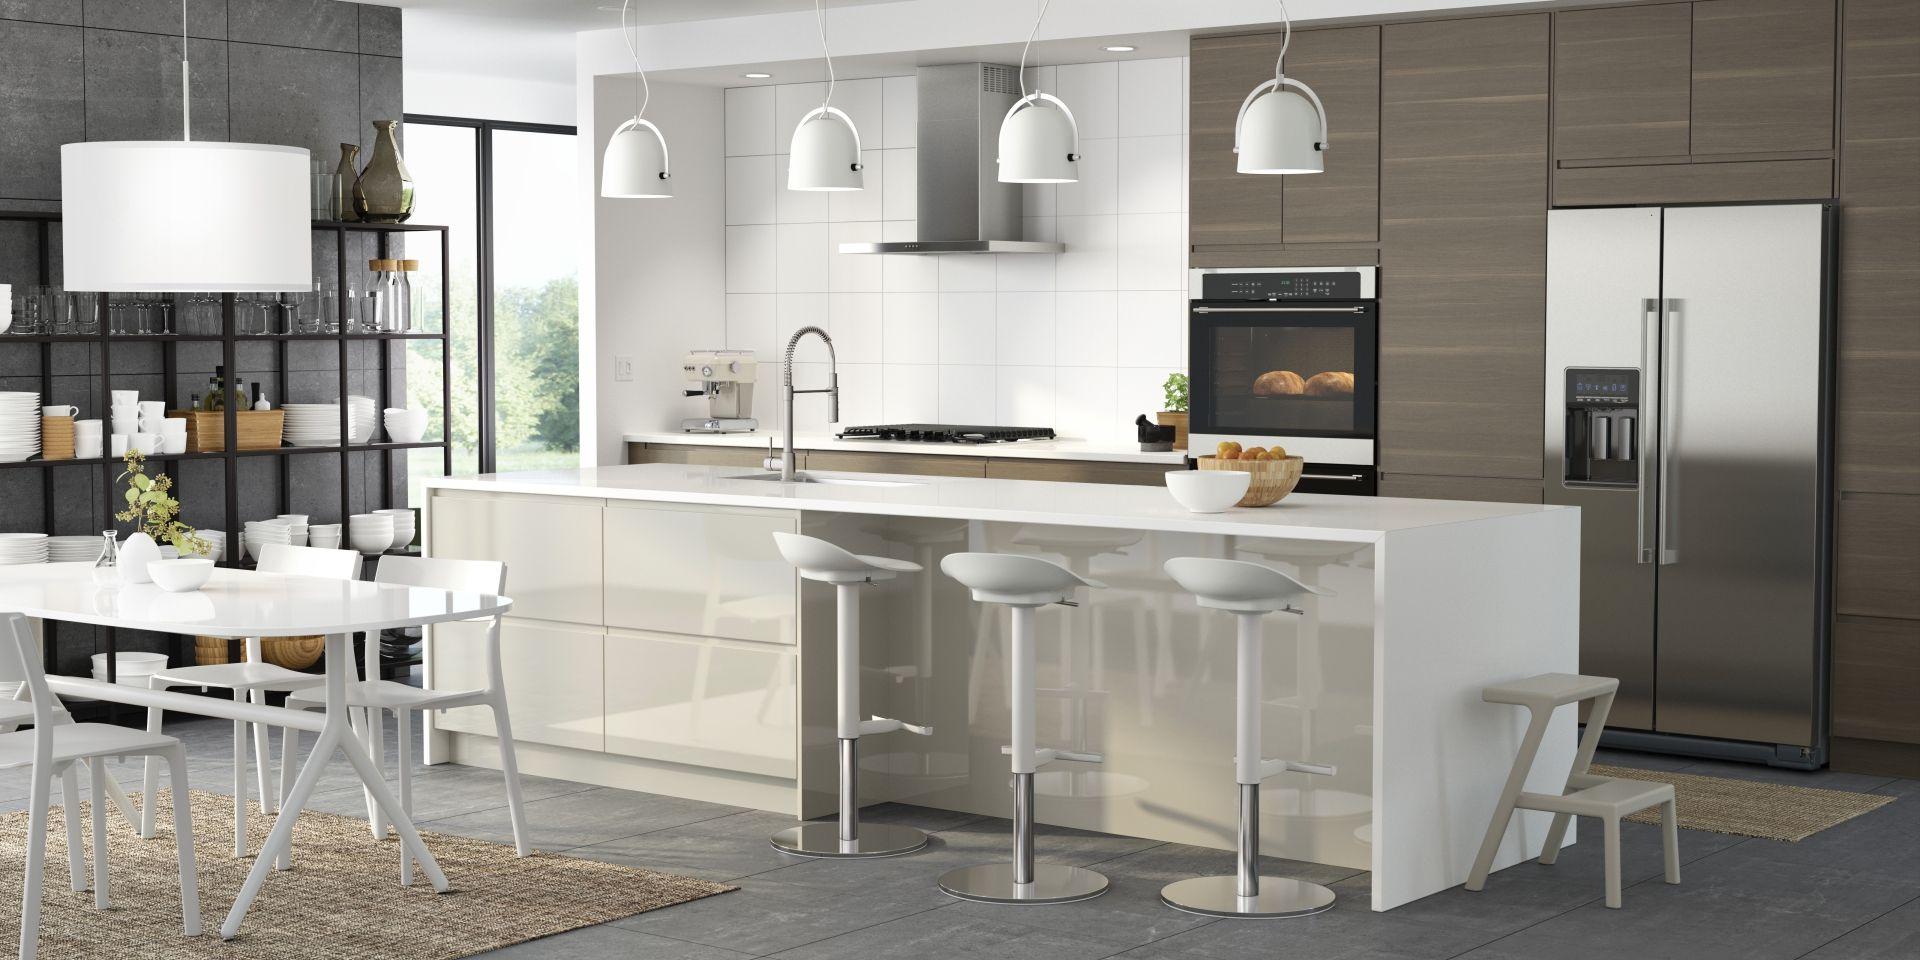 com - Compra tus Muebles y Decoración Online  Remodelación de